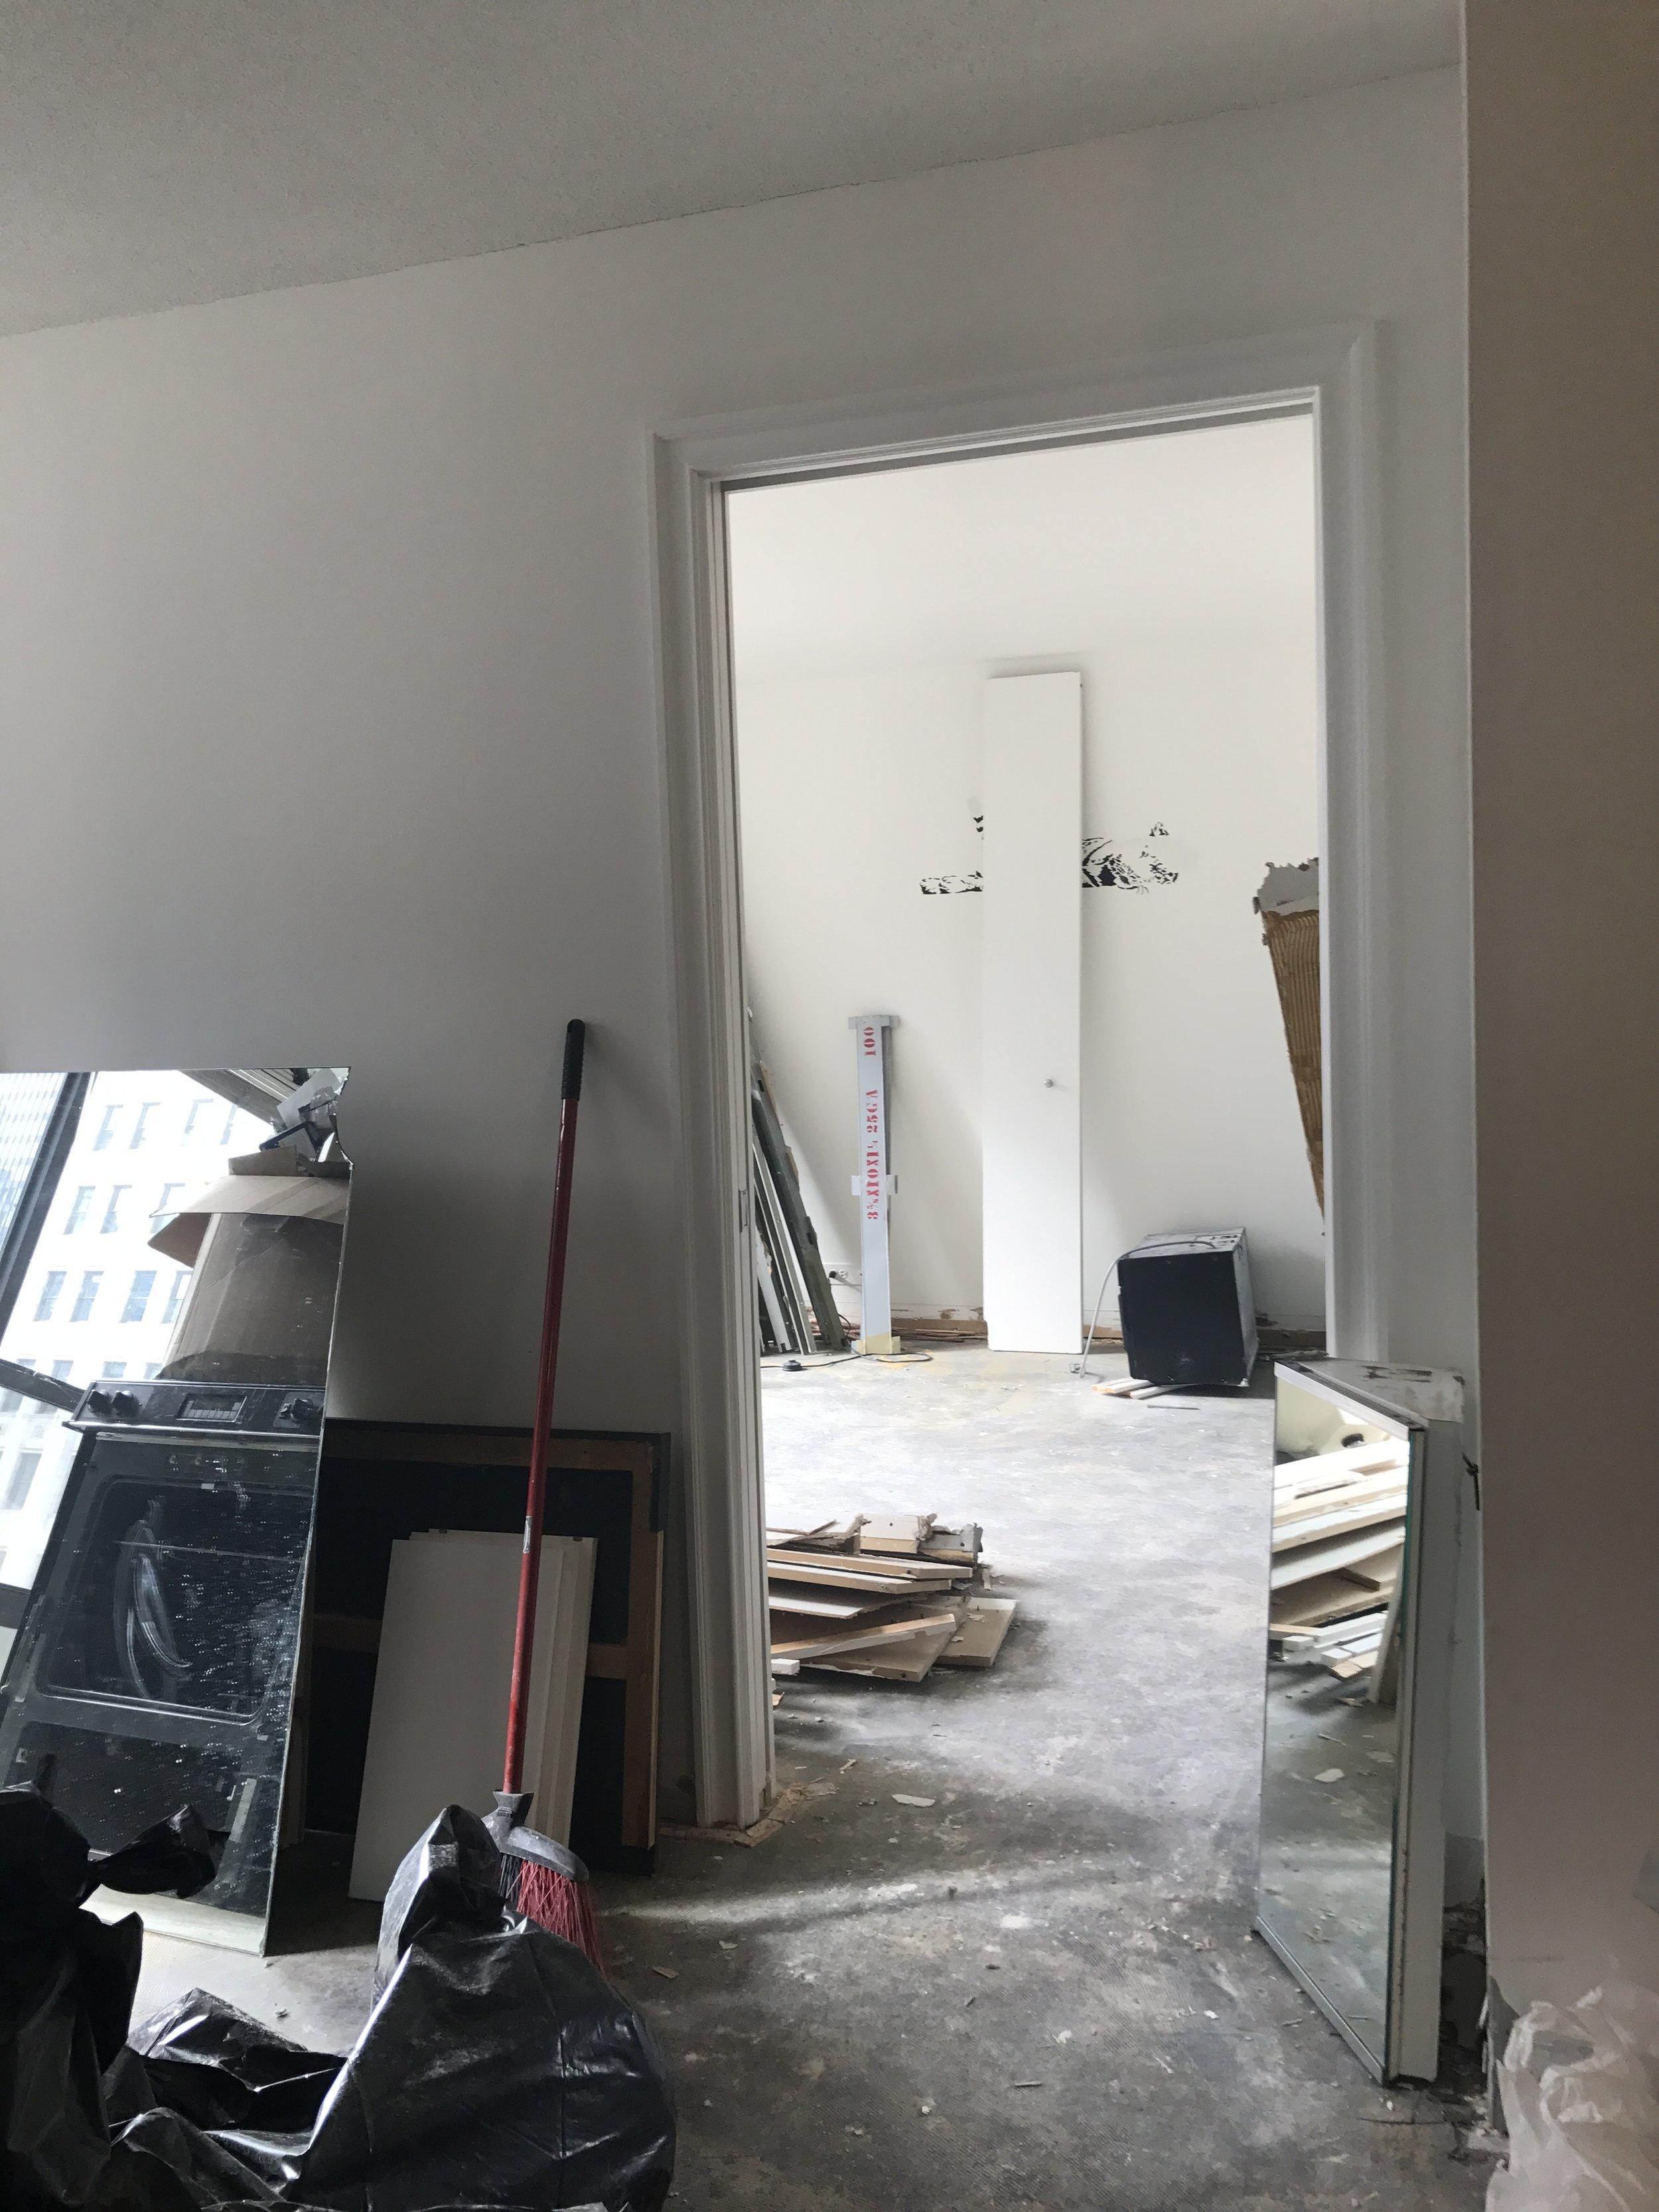 Bedroom: Post-Demolition